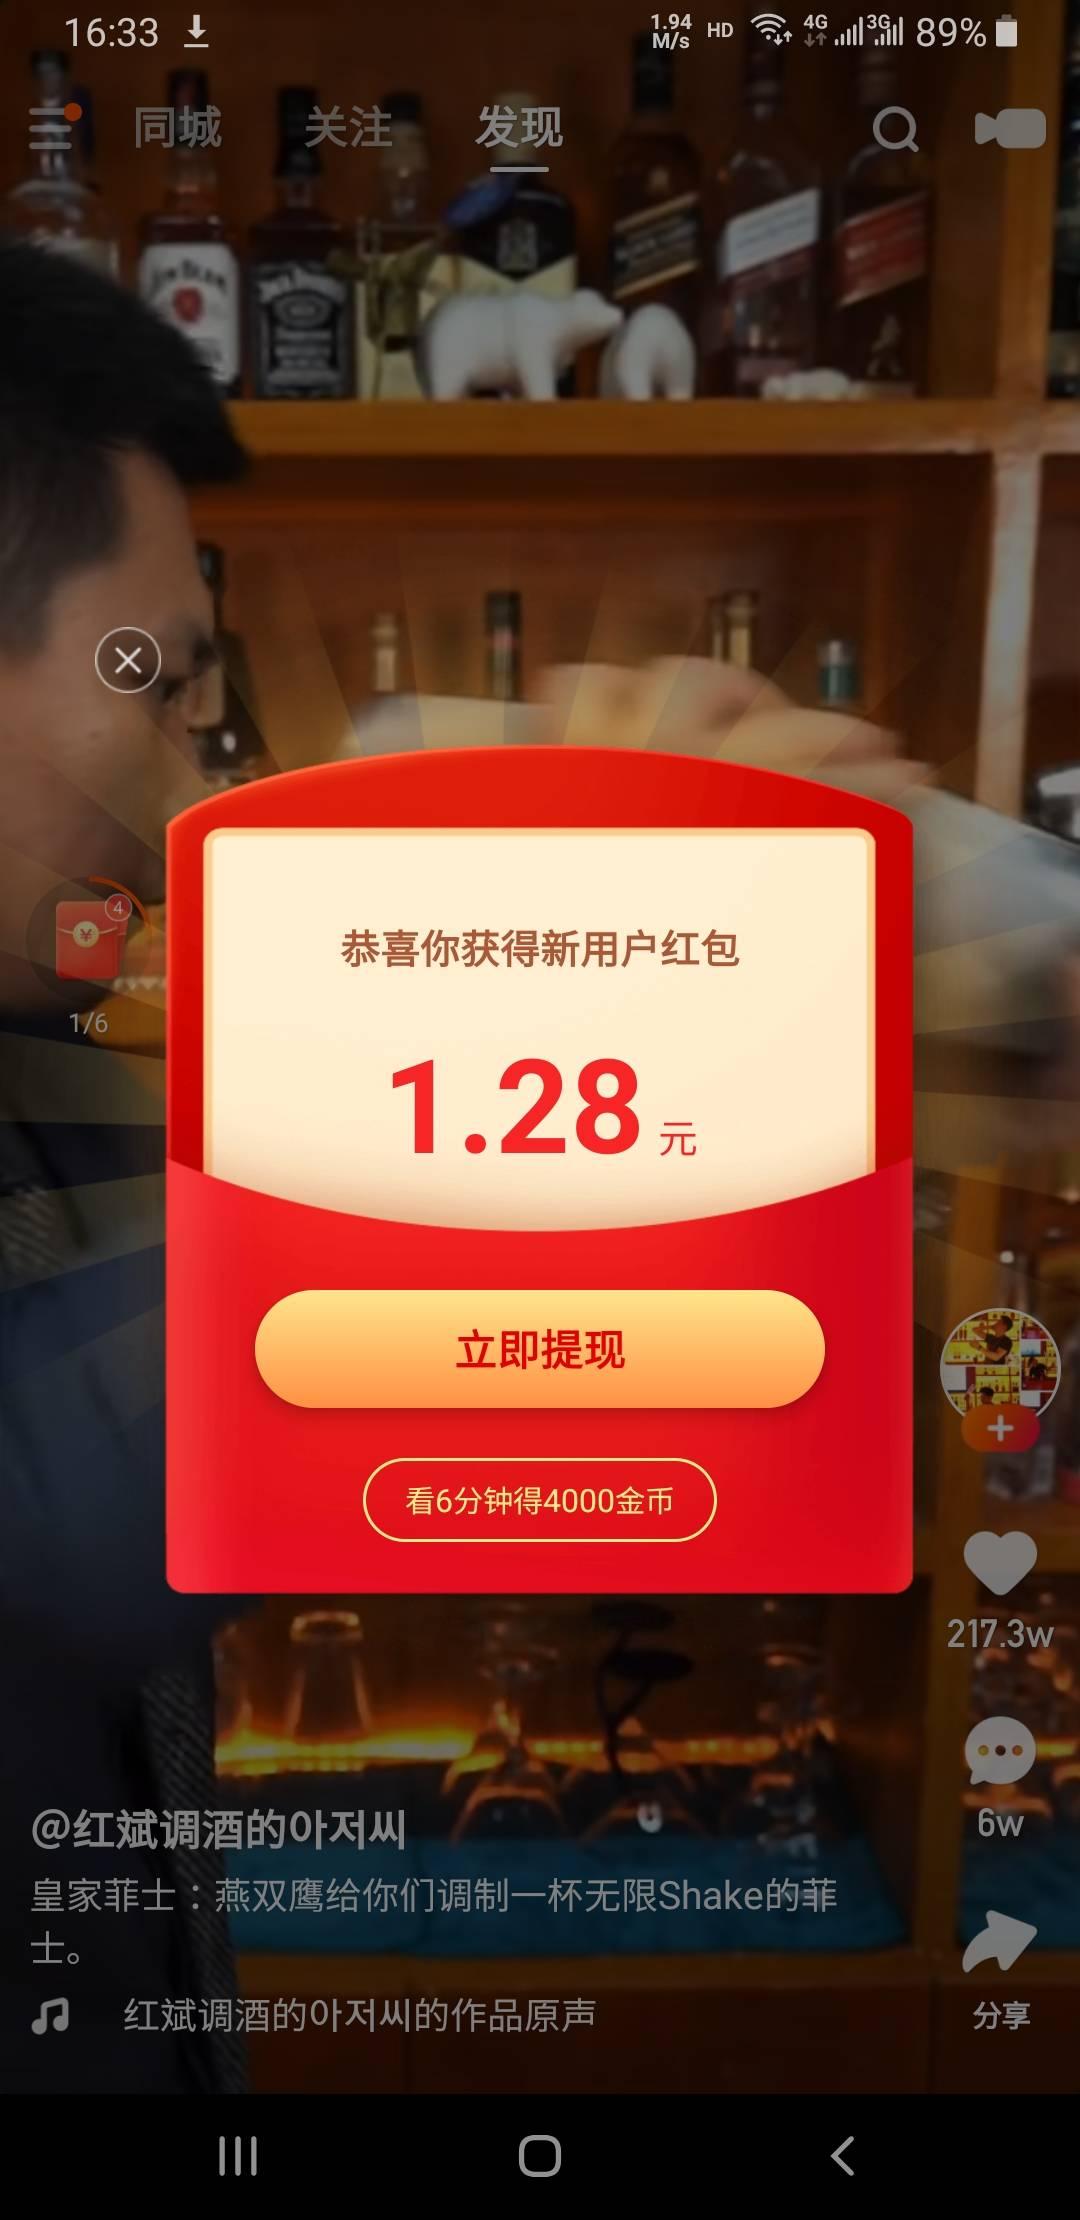 快手极速版怎么赚钱(iphone快手极速版没有红包)